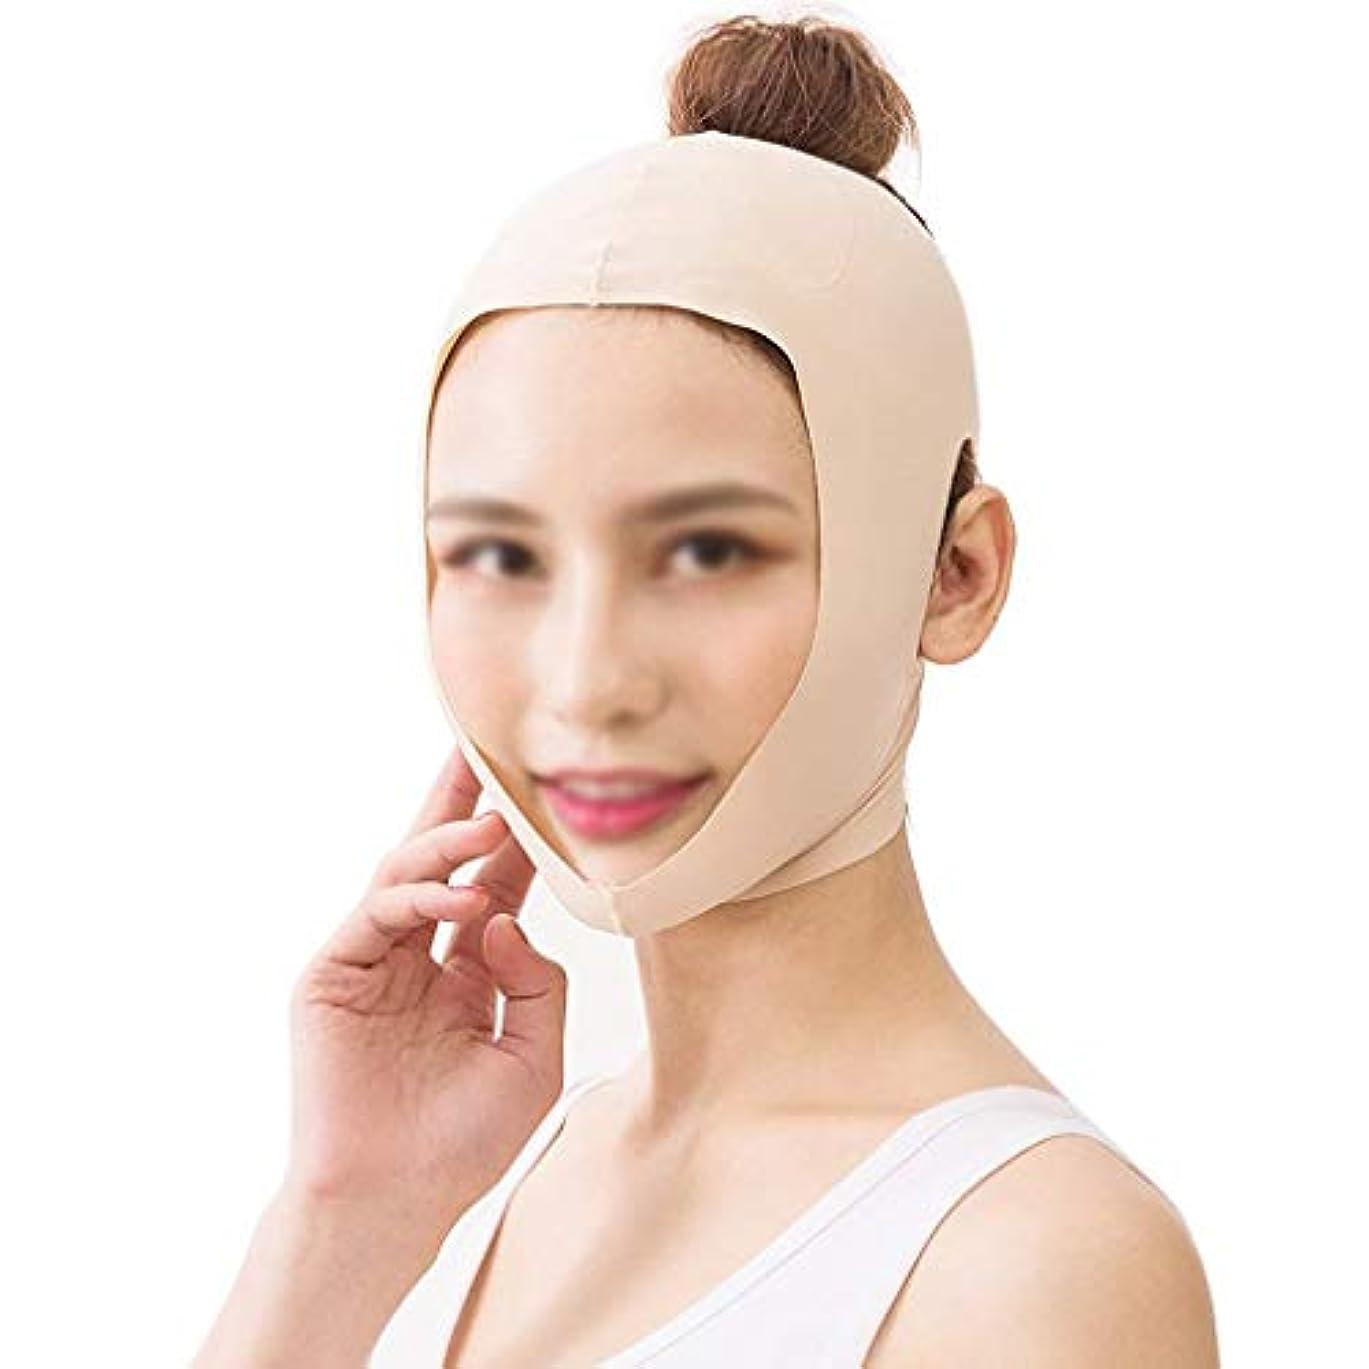 ペンダント現金水銀のフェイスリフト用フェイシャル引き締め包帯、フェイシャルリフティングツール、二重あごを減らすためのリフティング包帯